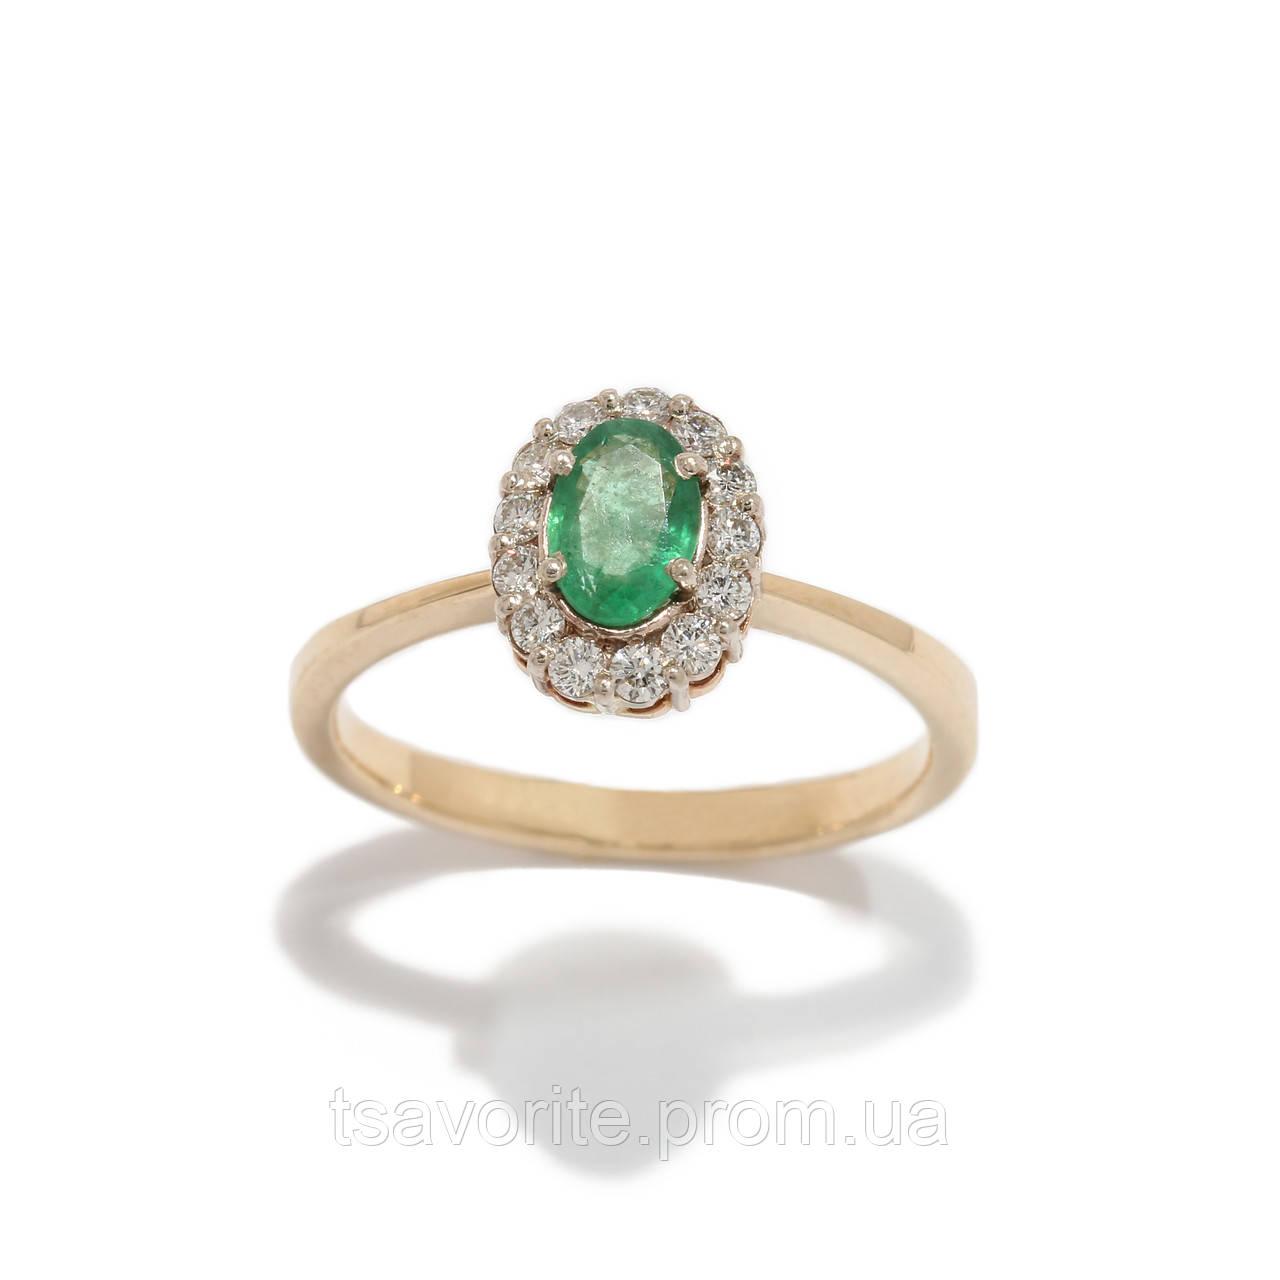 Золотое кольцо с изумрудом и бриллиантами 2231621